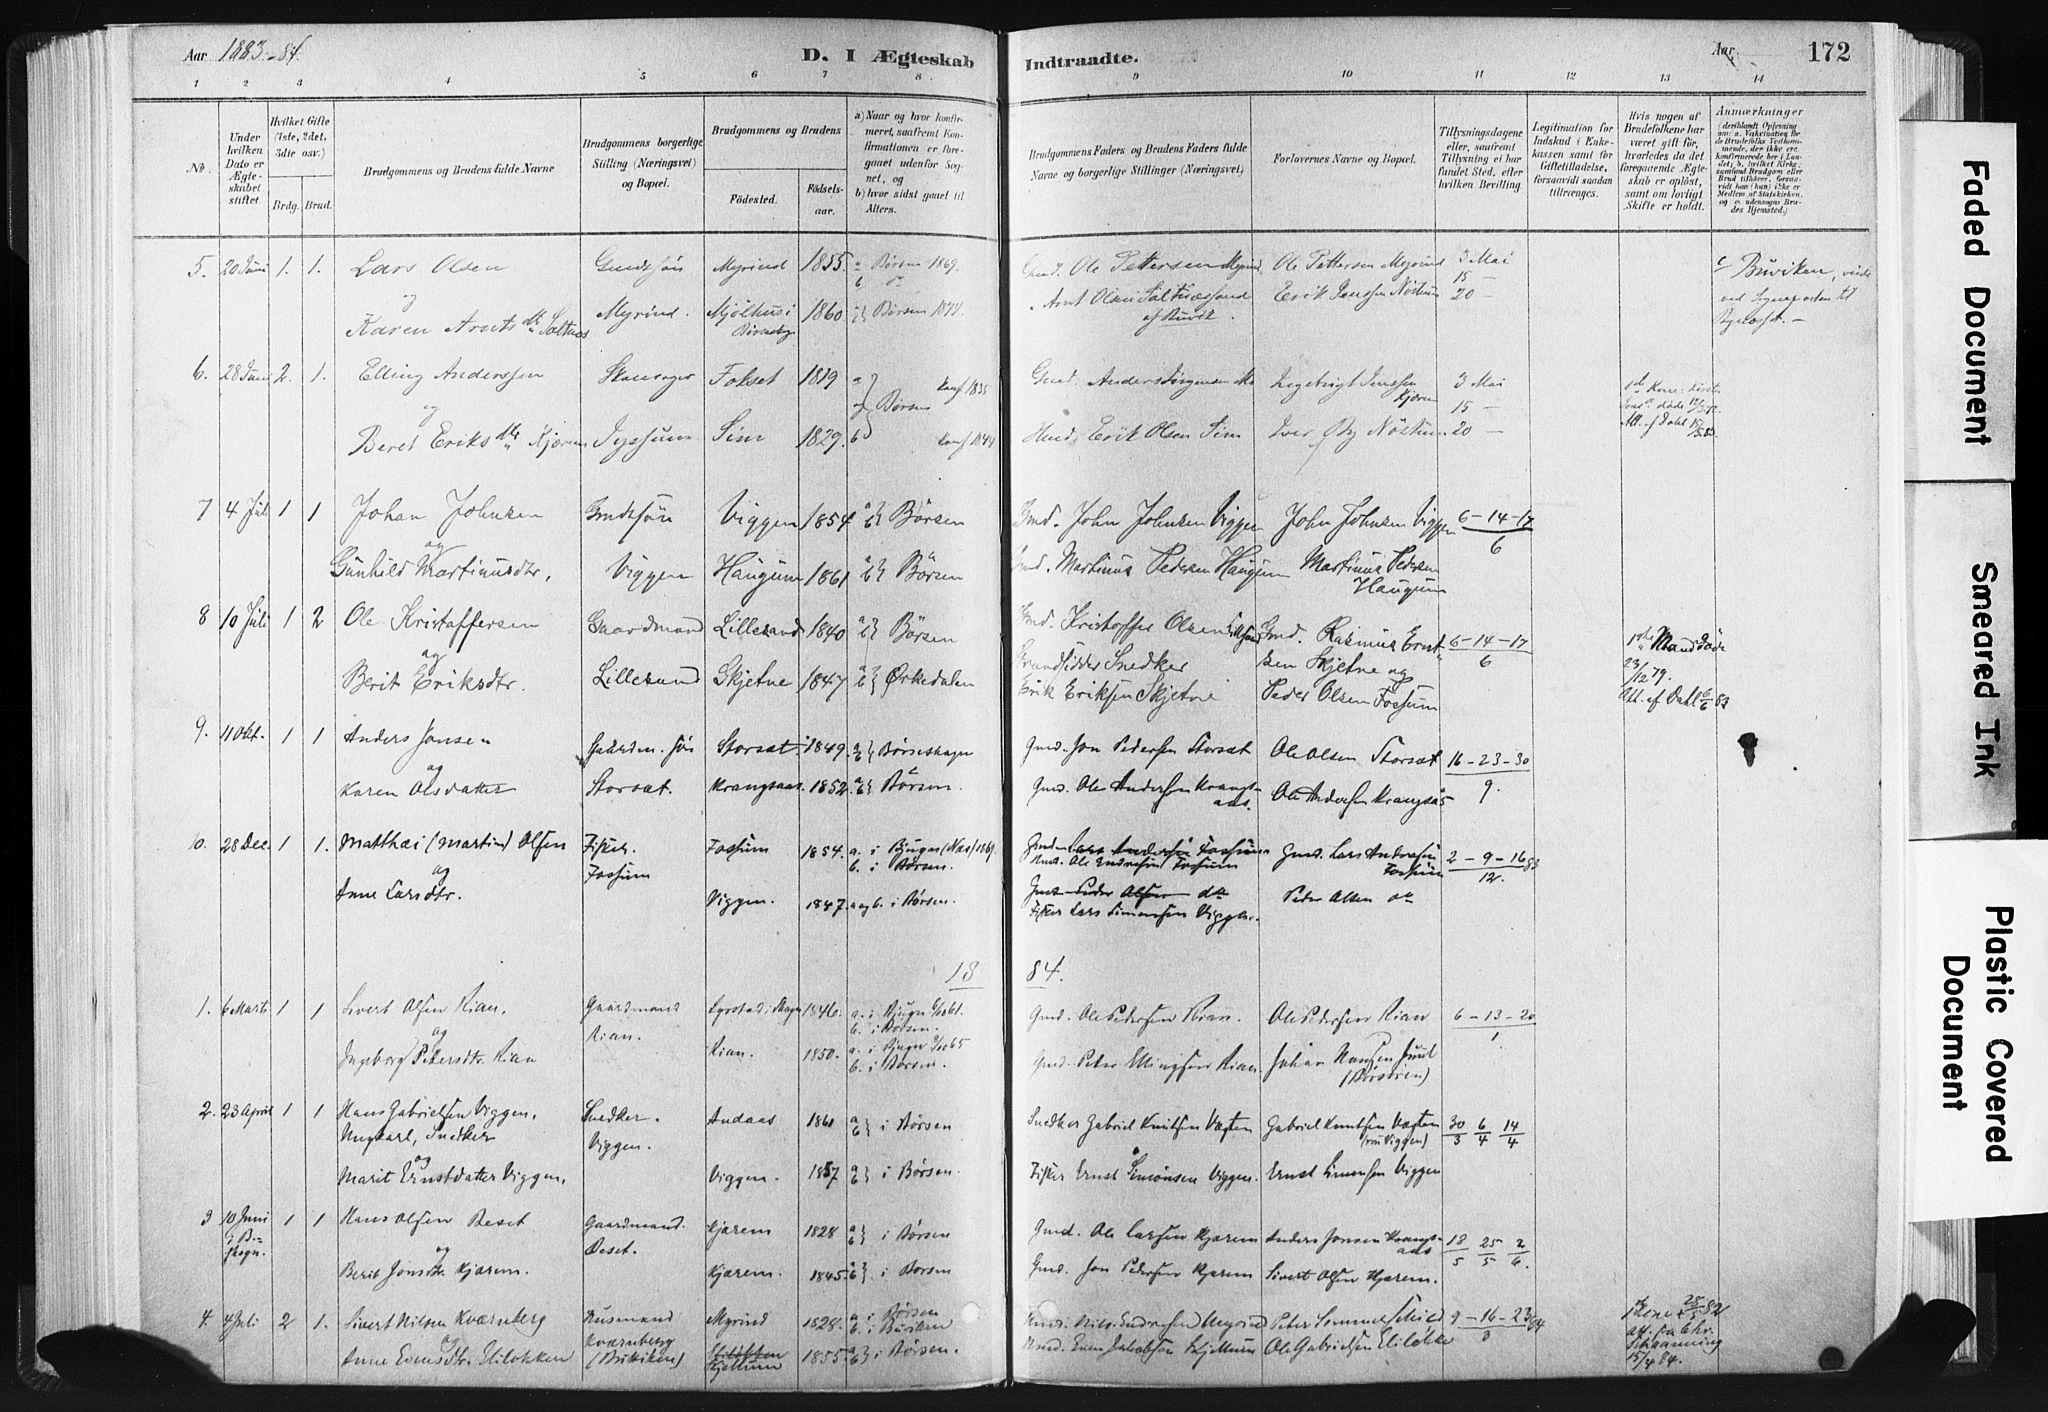 SAT, Ministerialprotokoller, klokkerbøker og fødselsregistre - Sør-Trøndelag, 665/L0773: Ministerialbok nr. 665A08, 1879-1905, s. 172